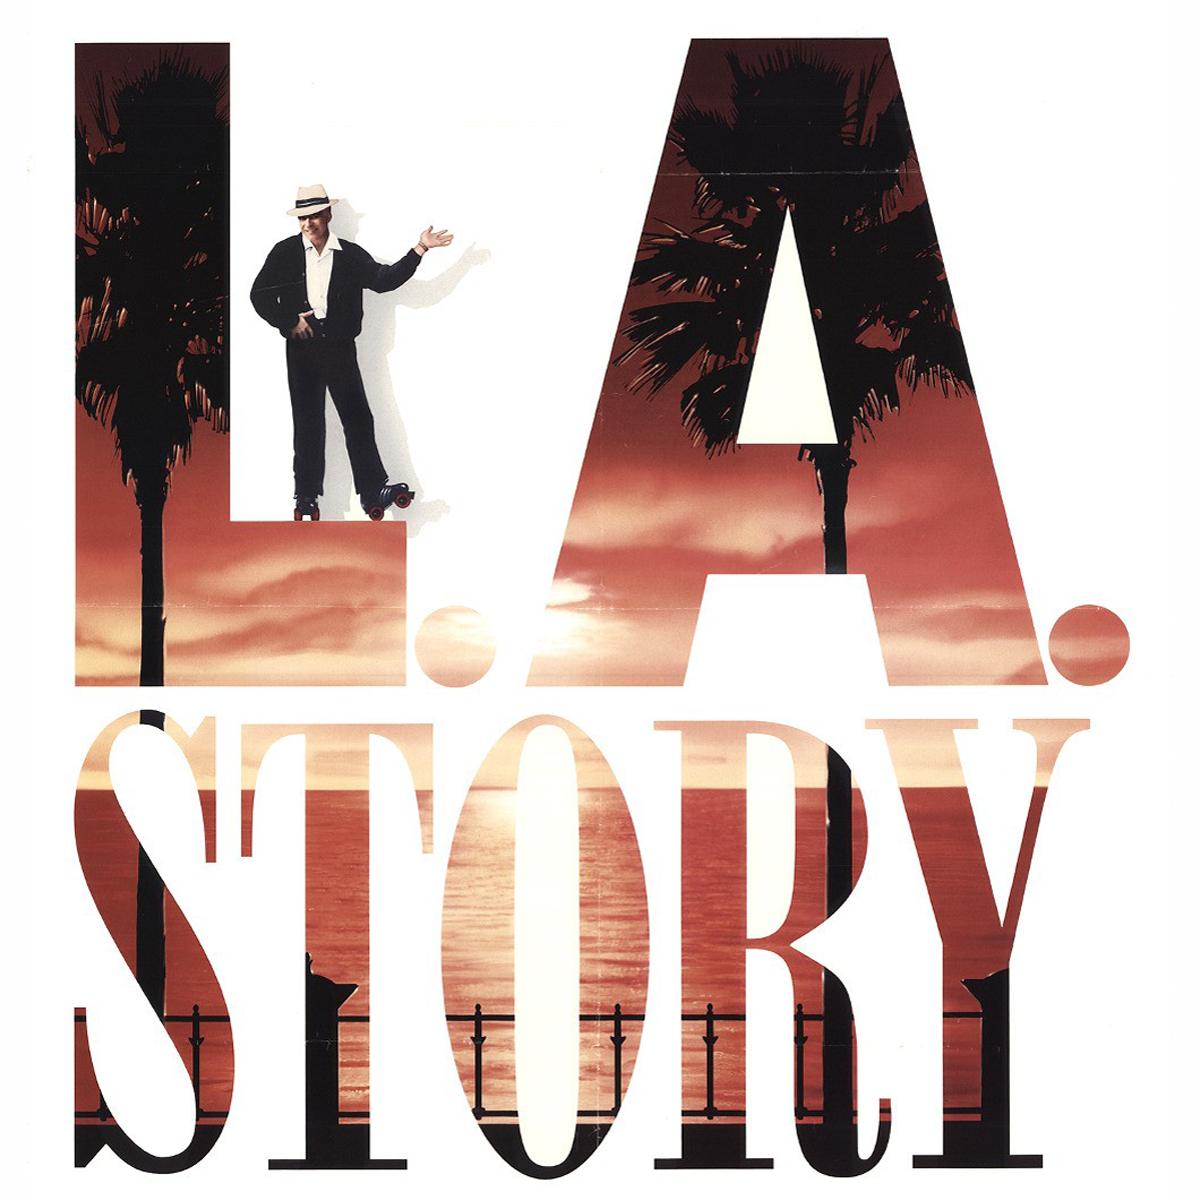 ISTYA LA Story